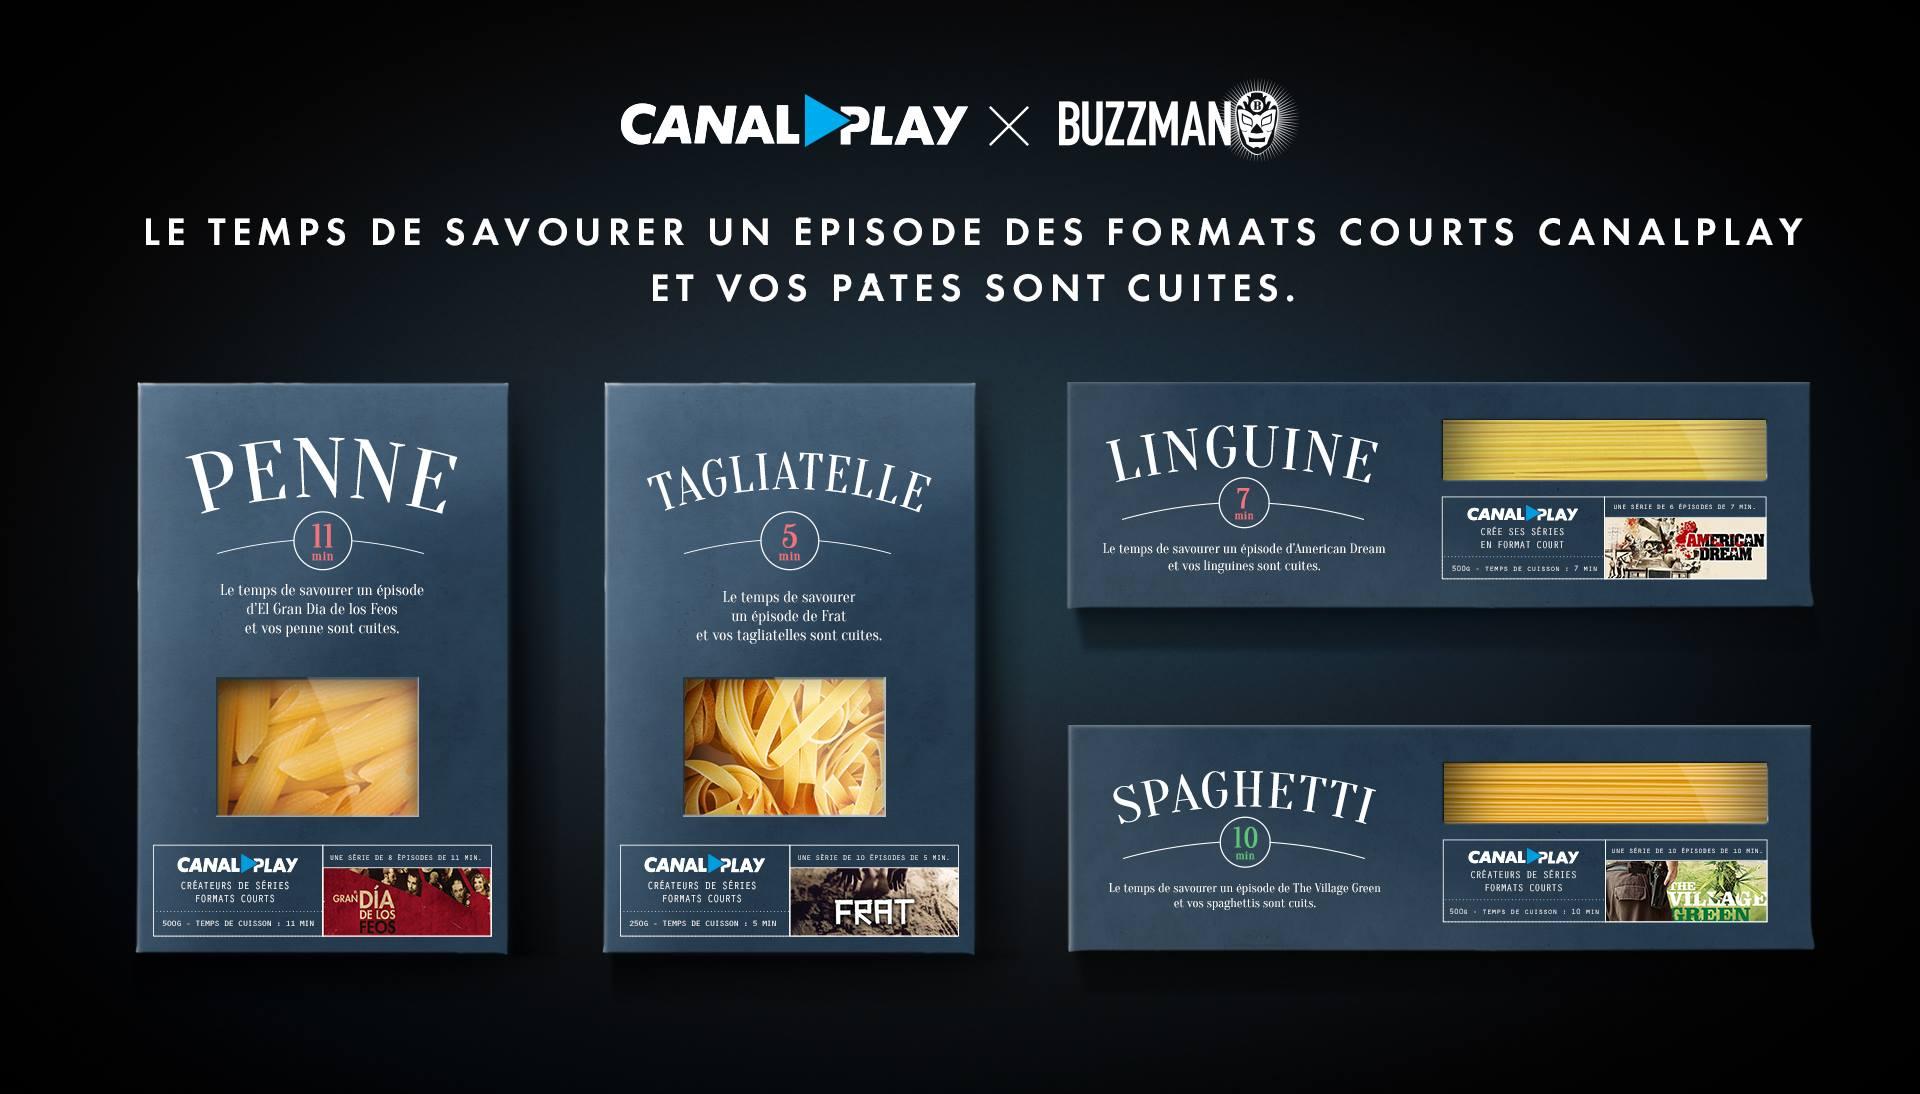 CanalPLay crée de nouvelles mini séries et Buzzman imagine des pâtes pour les promouvoir